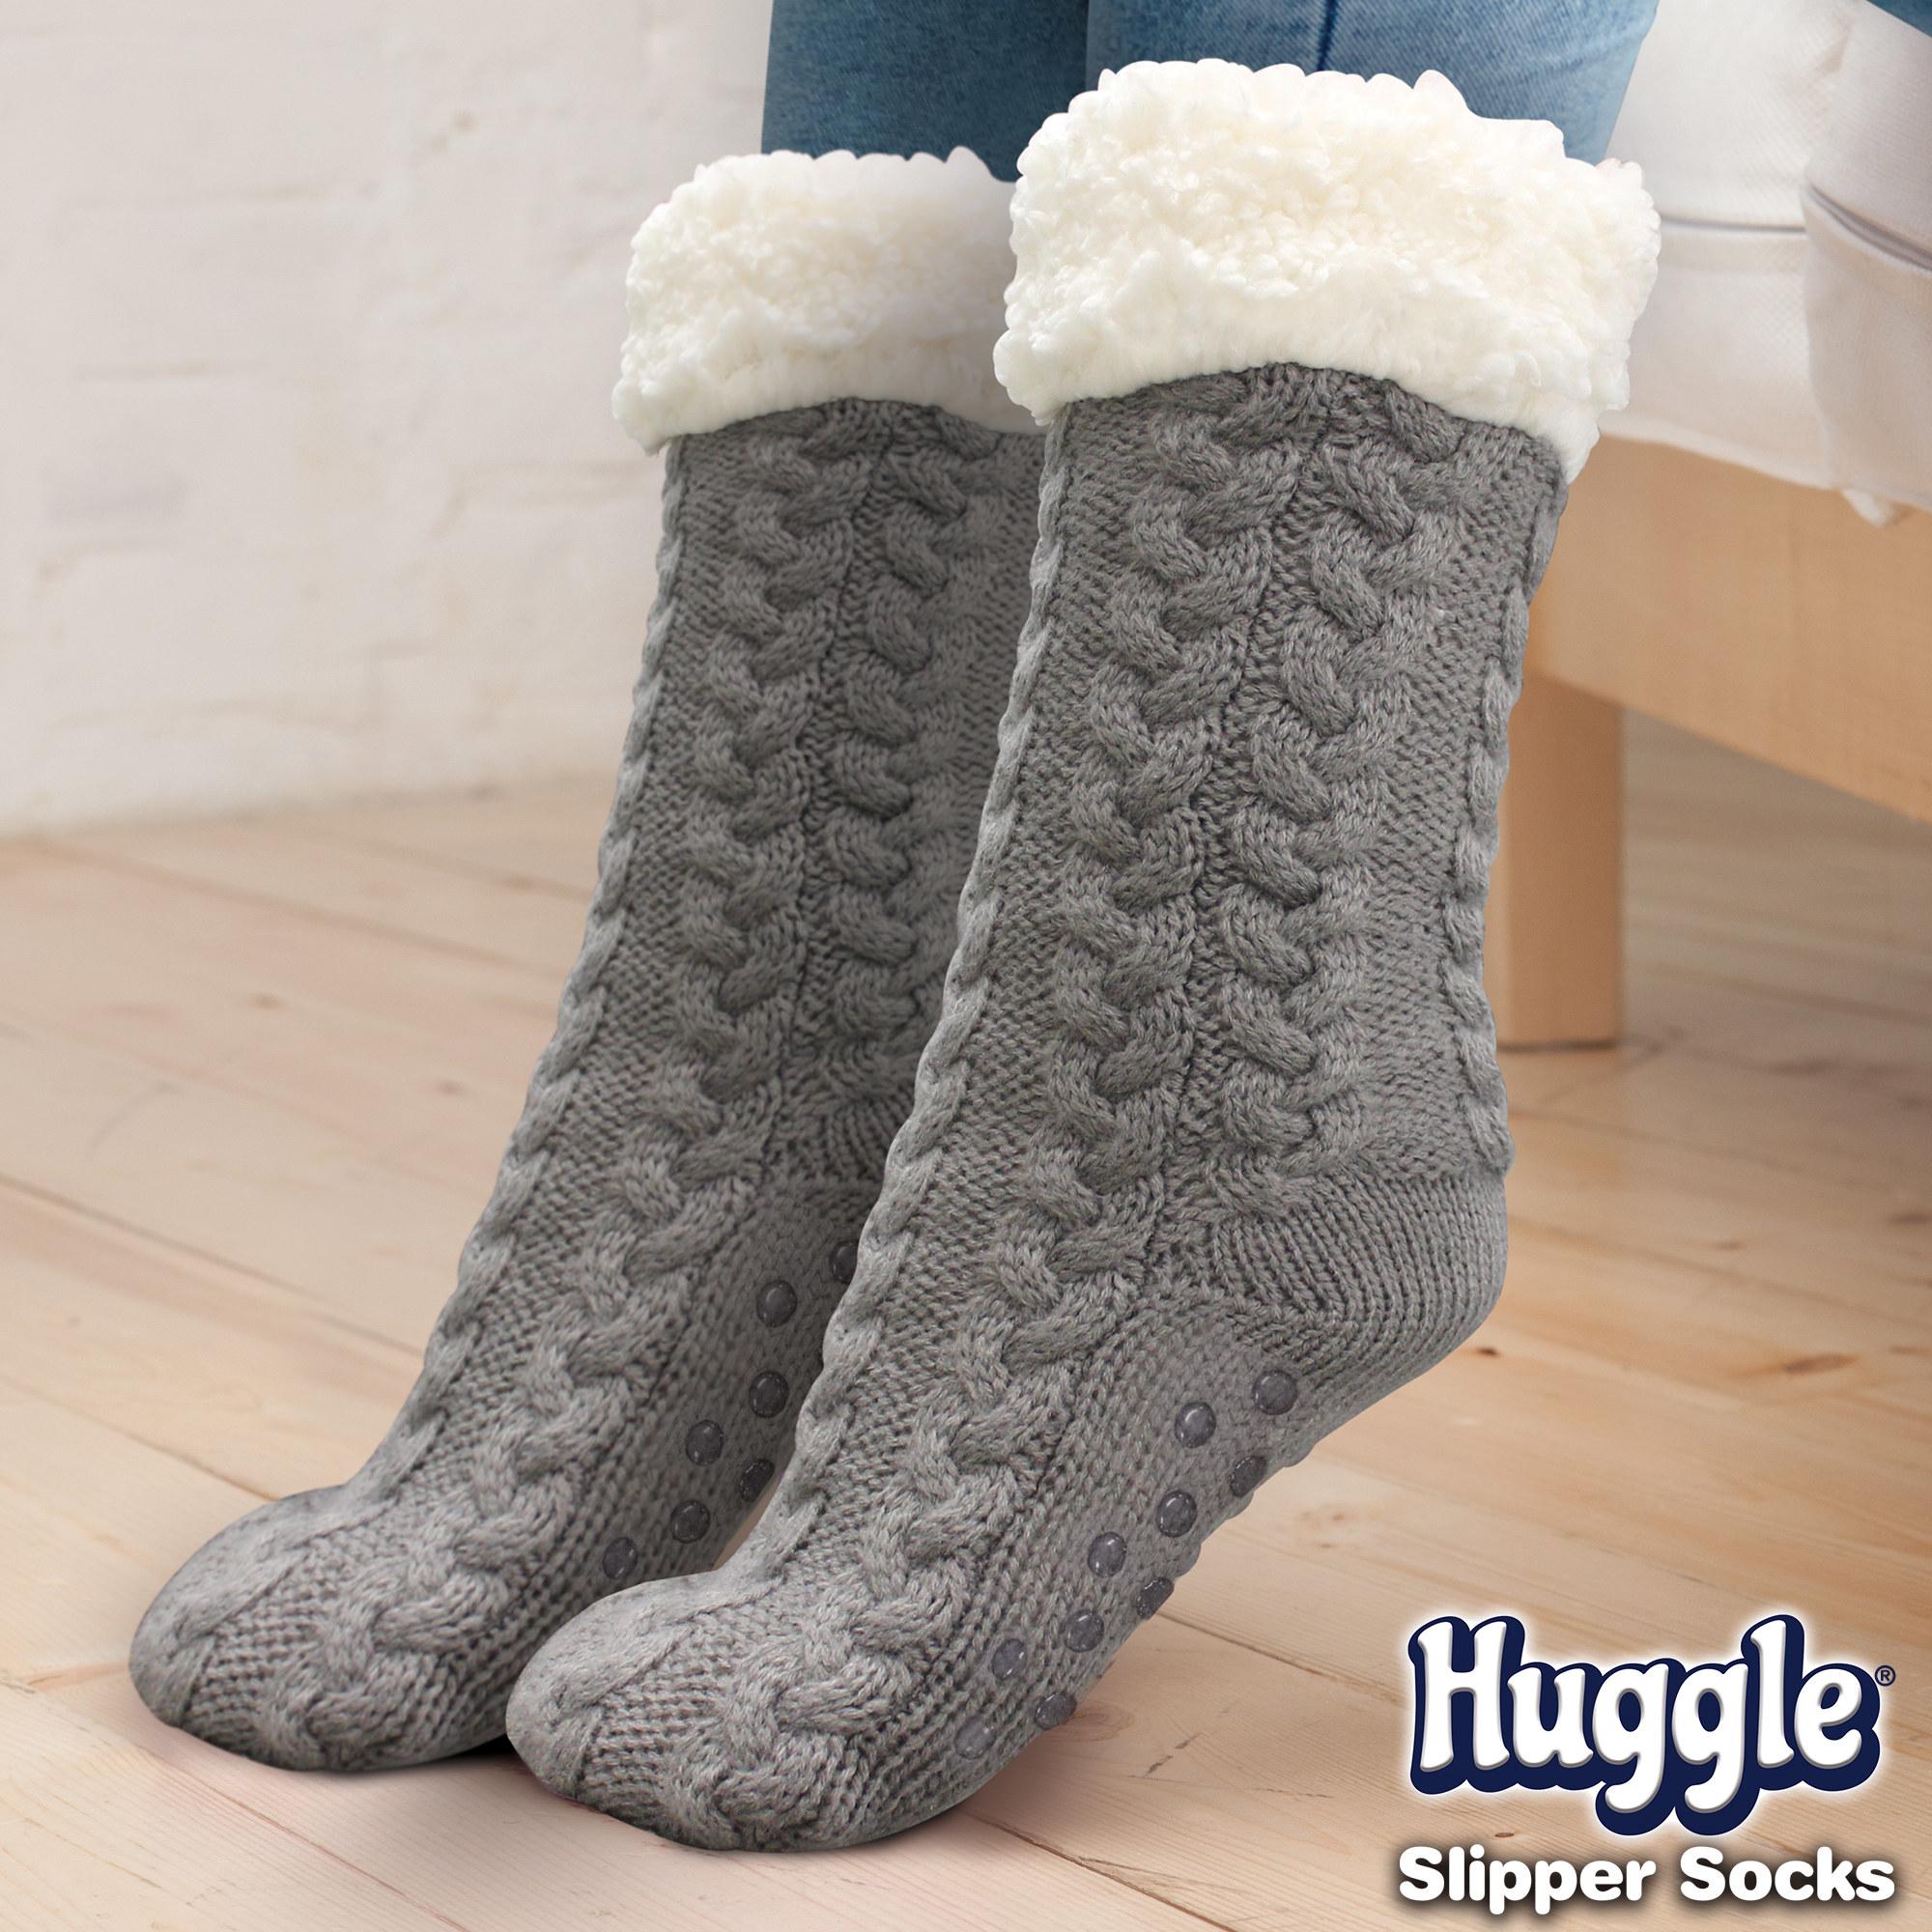 Gray slipper socks with white tops